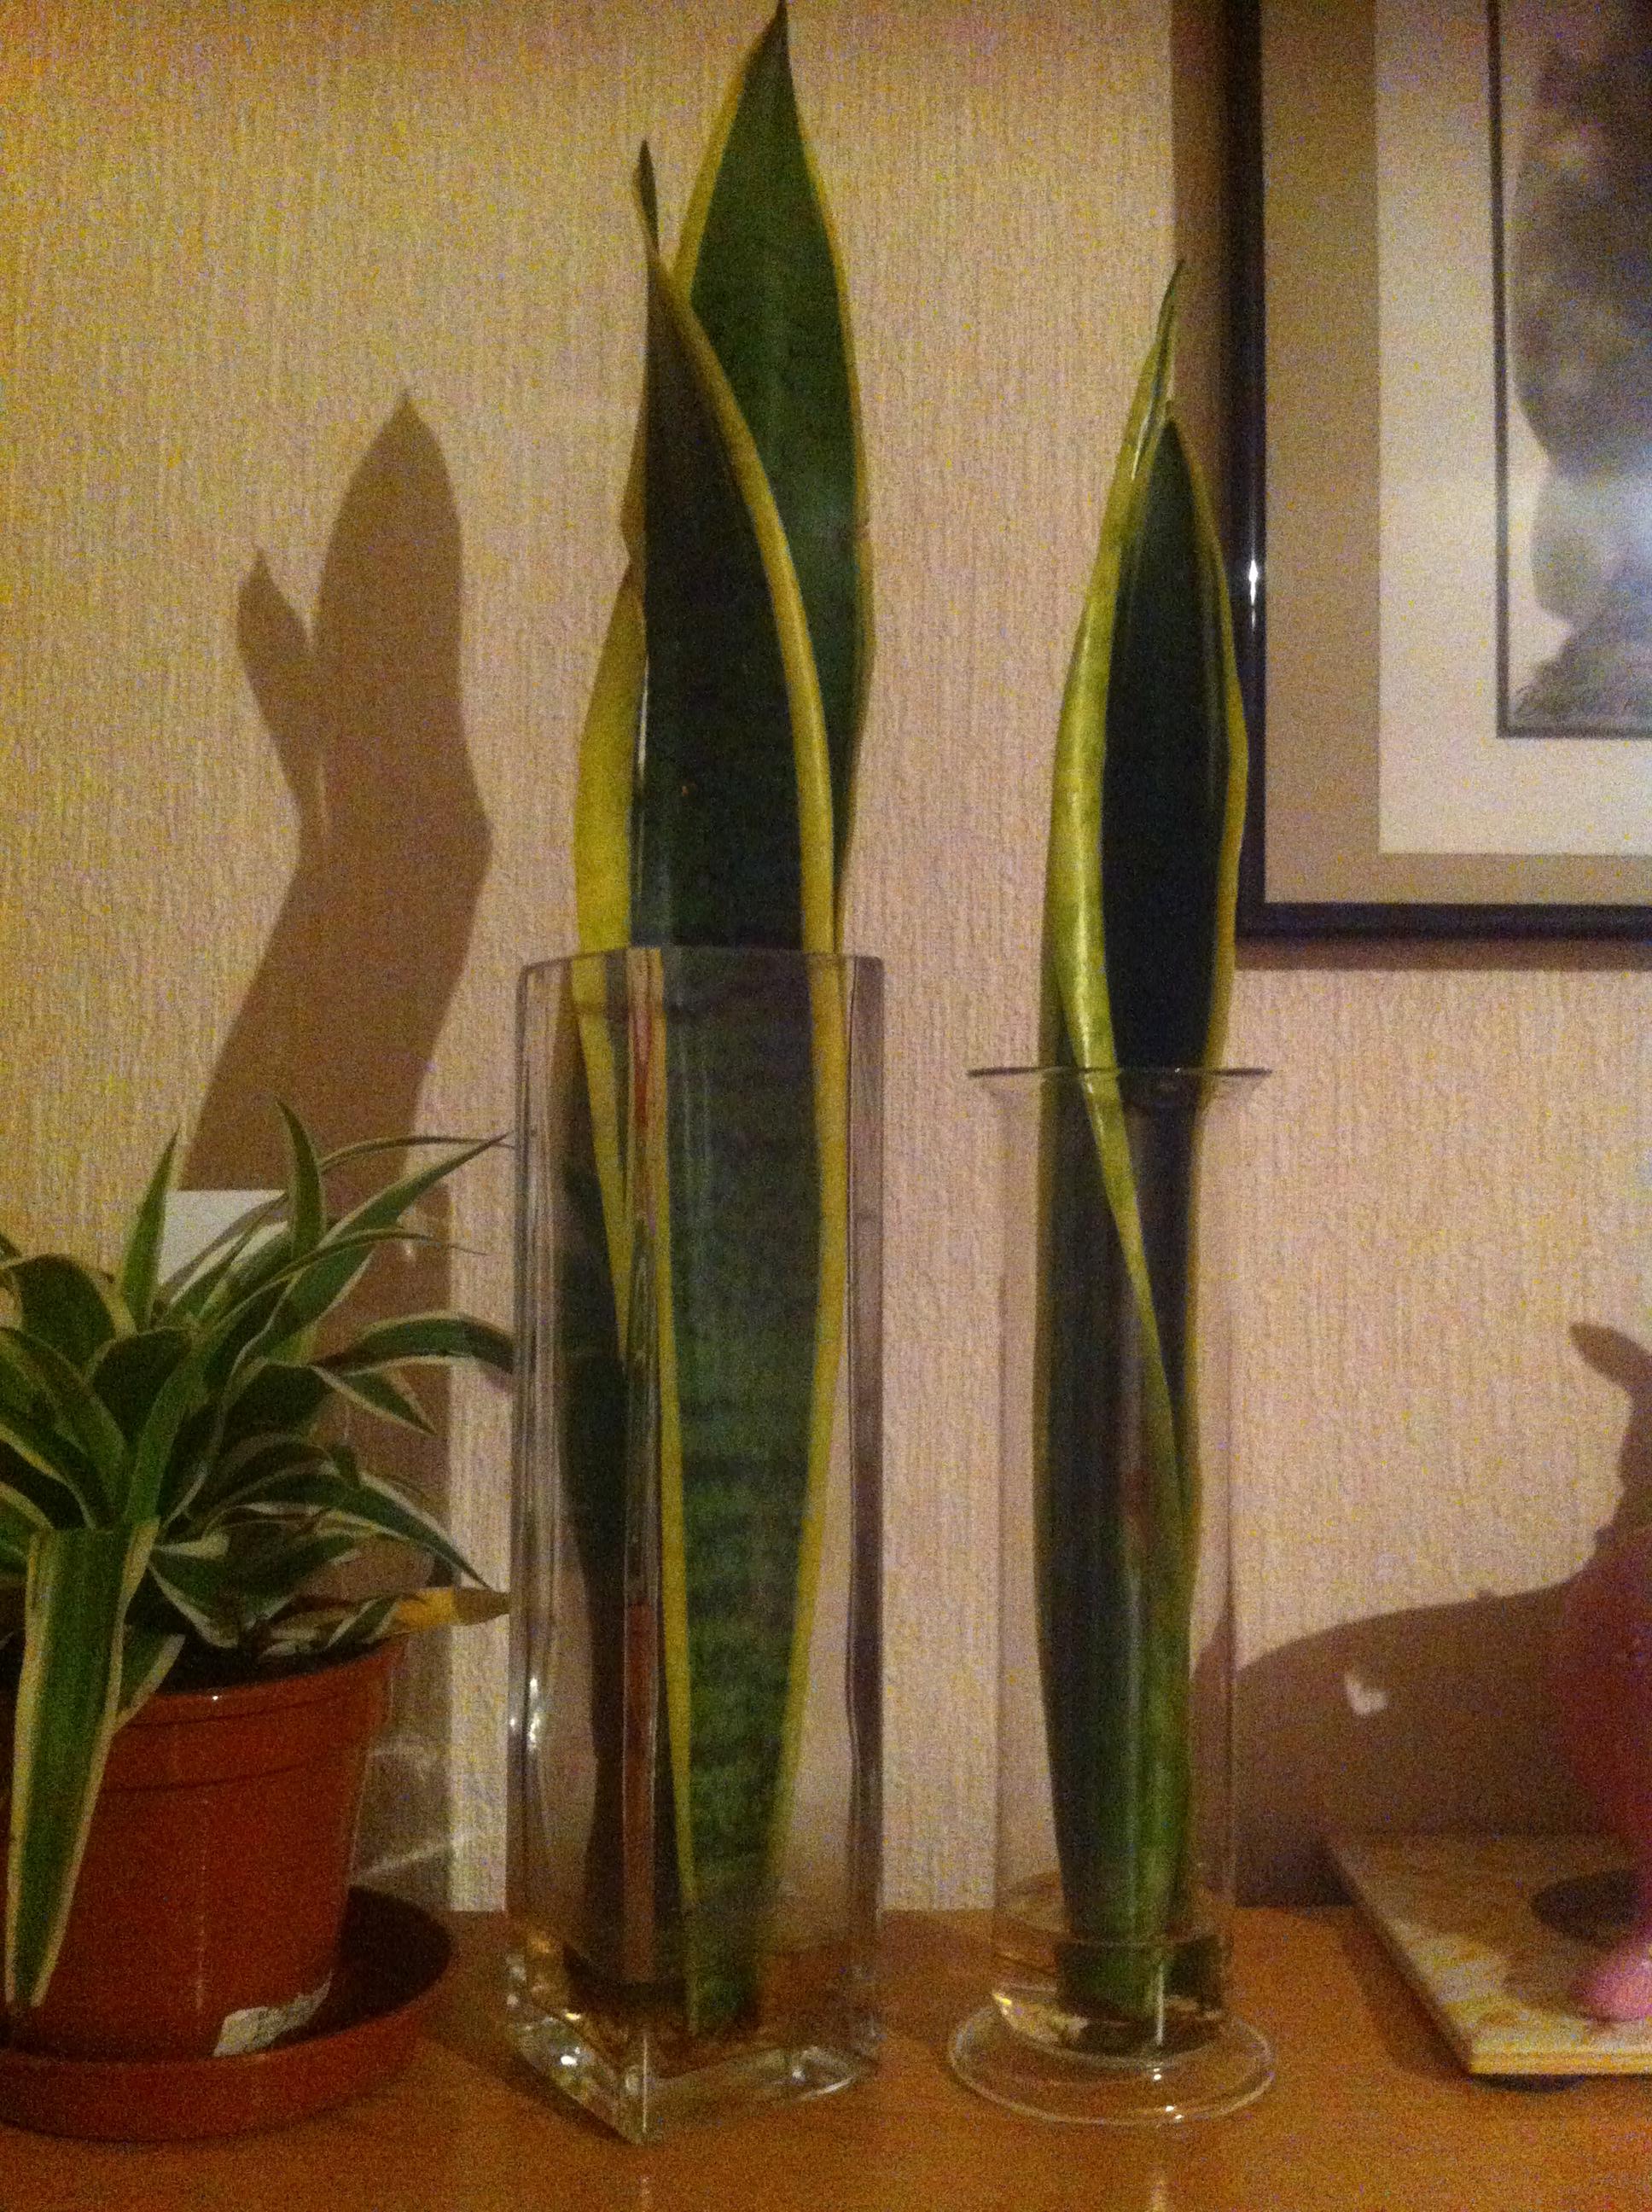 recherche plante facile et increvable  157654Photo170612222516